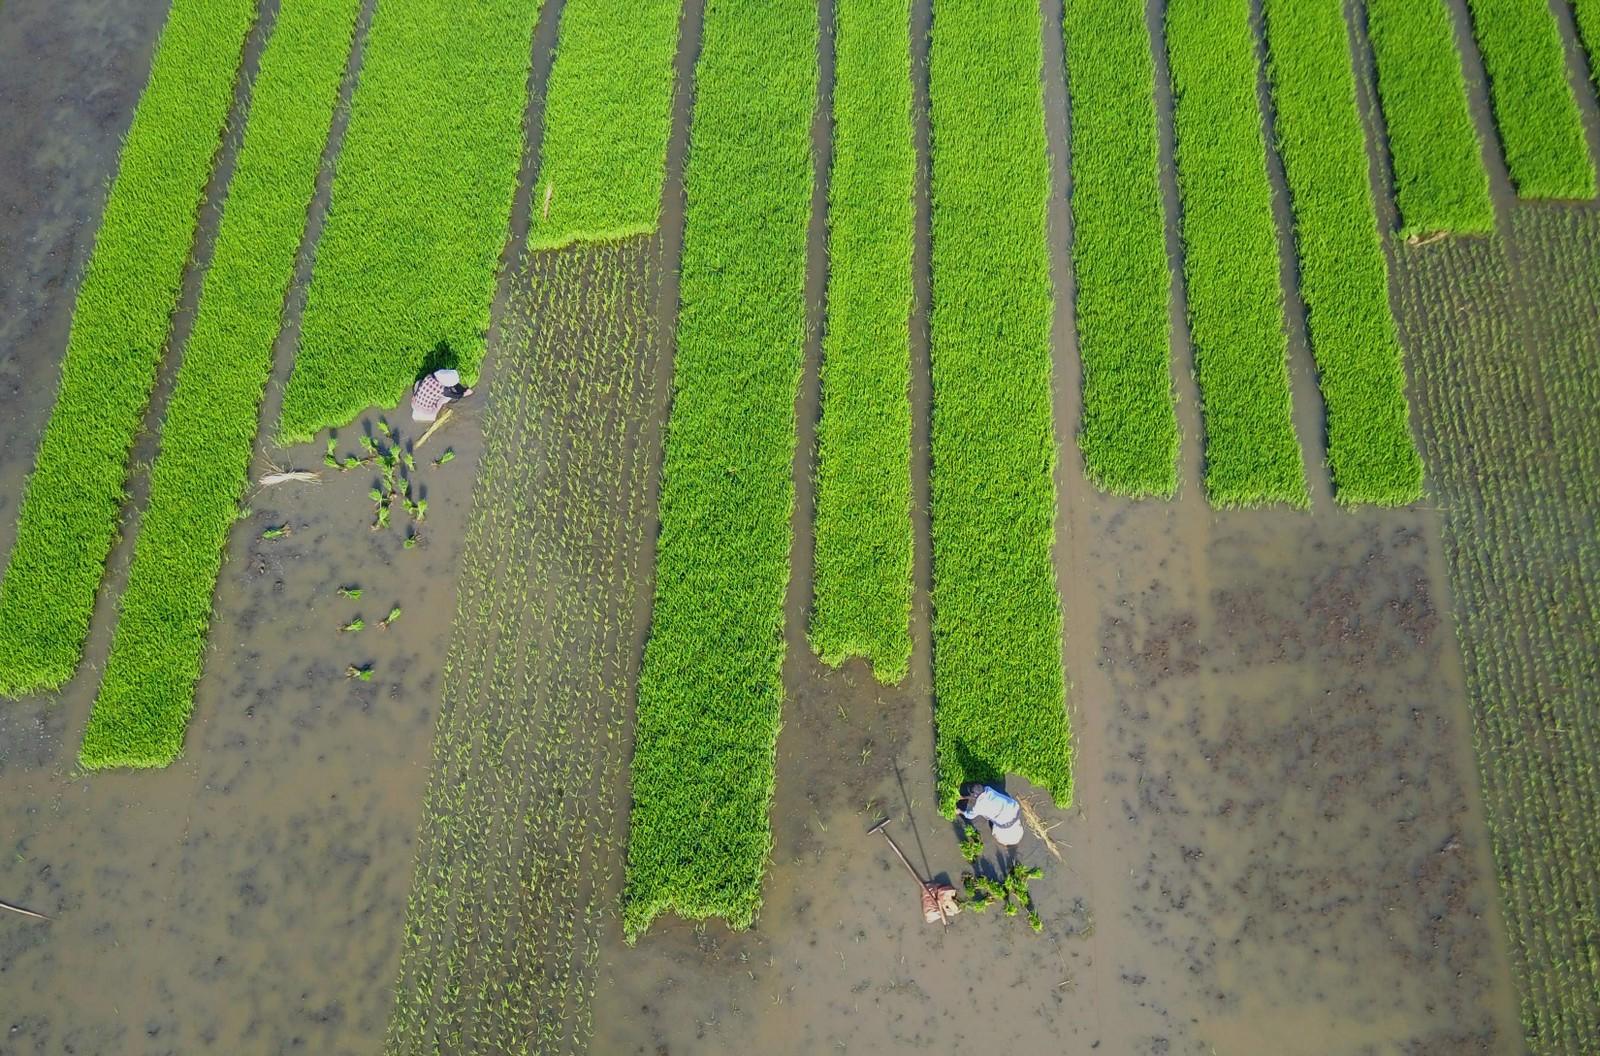 Så gjør de så når de planter sin ris, innbyggerne i Kinas østligste provins, Jiangsu.